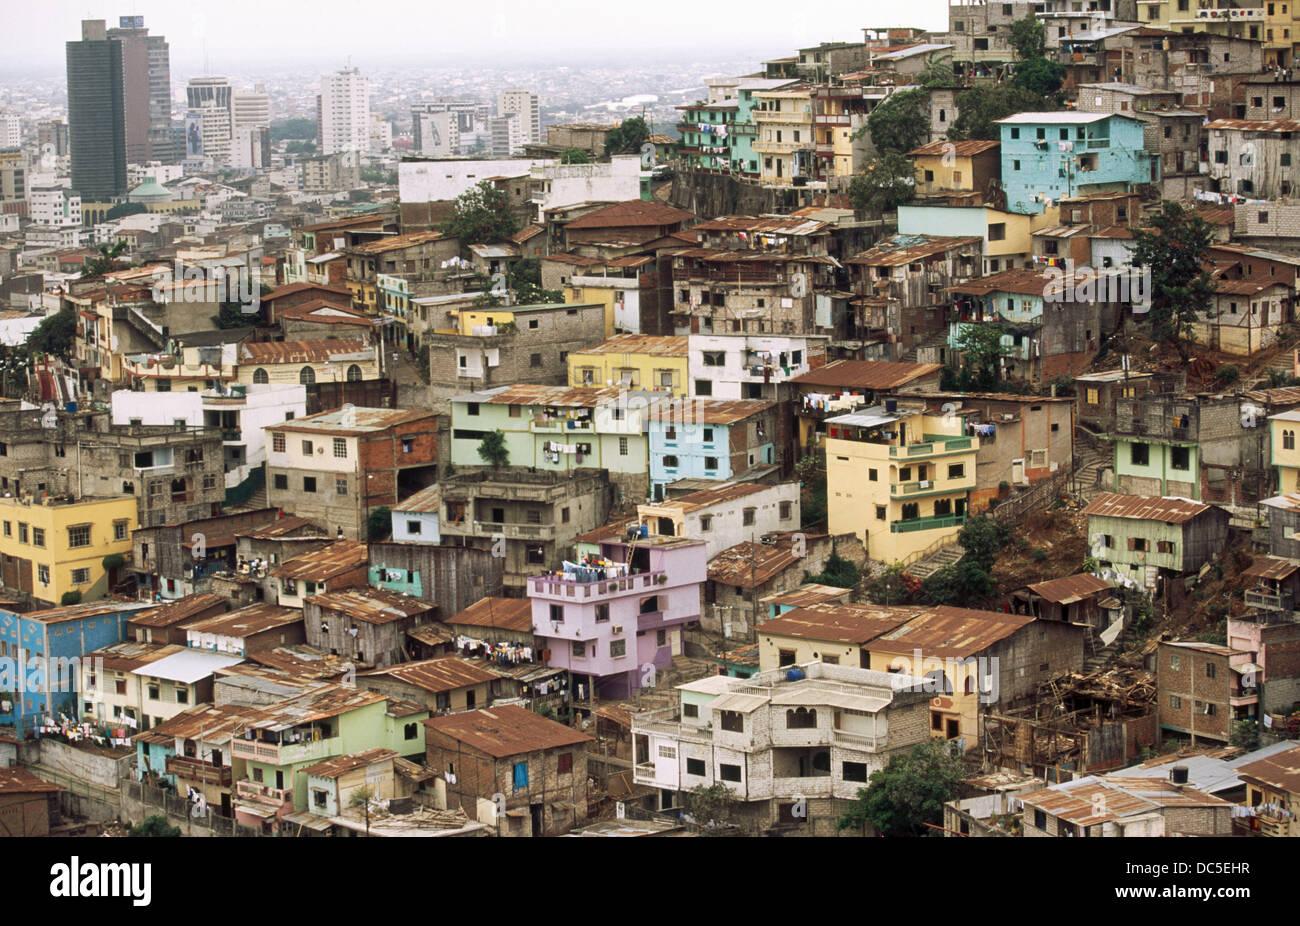 Quartier pauvre. Cerro del Carmen. Guayaquil. La province de Guayas. L'Équateur Photo Stock